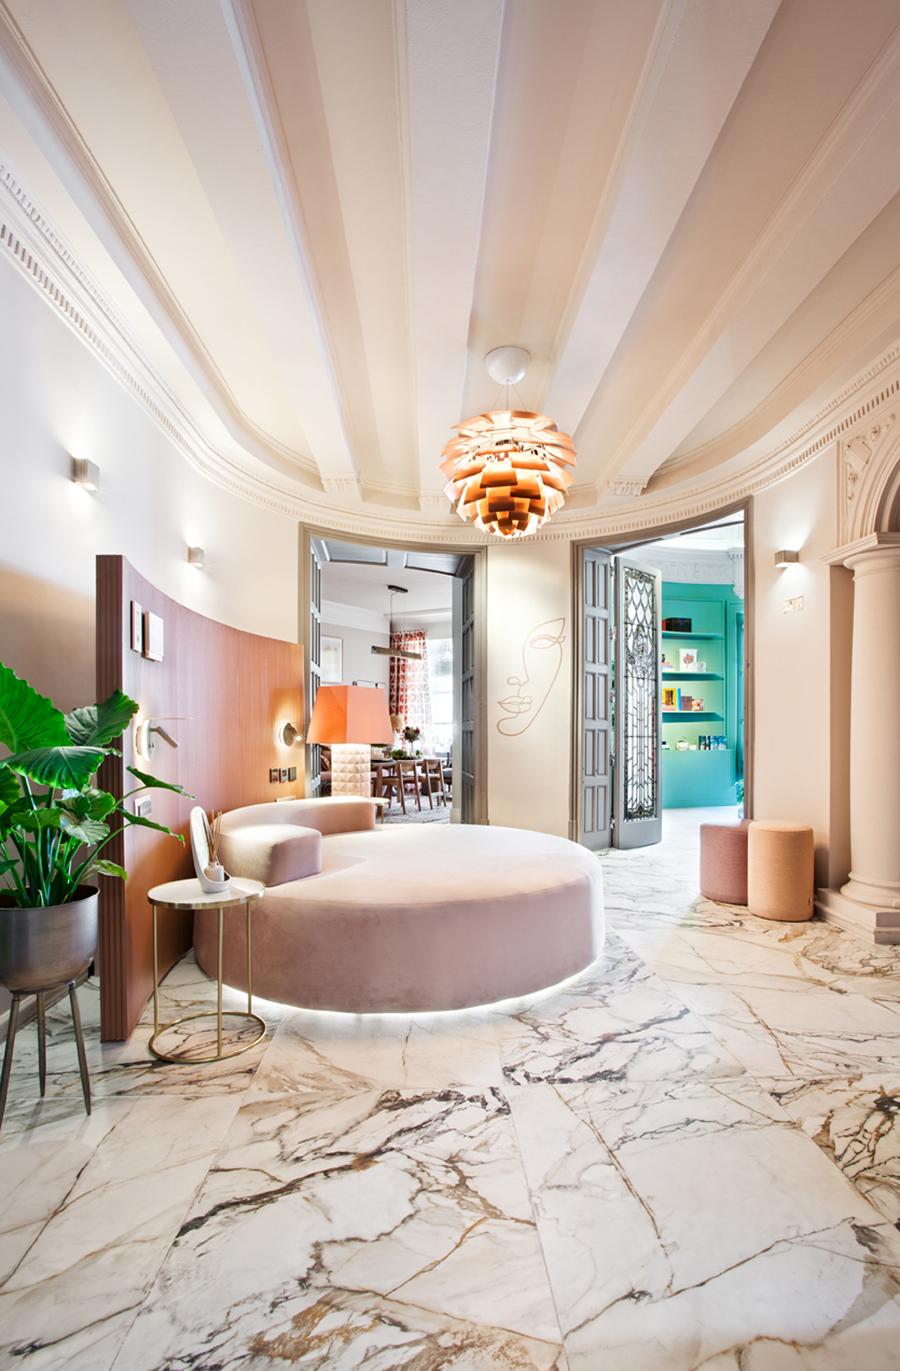 sala amplia con suelo de mármol y cama circular en rosa. lampara decorativa protagonista